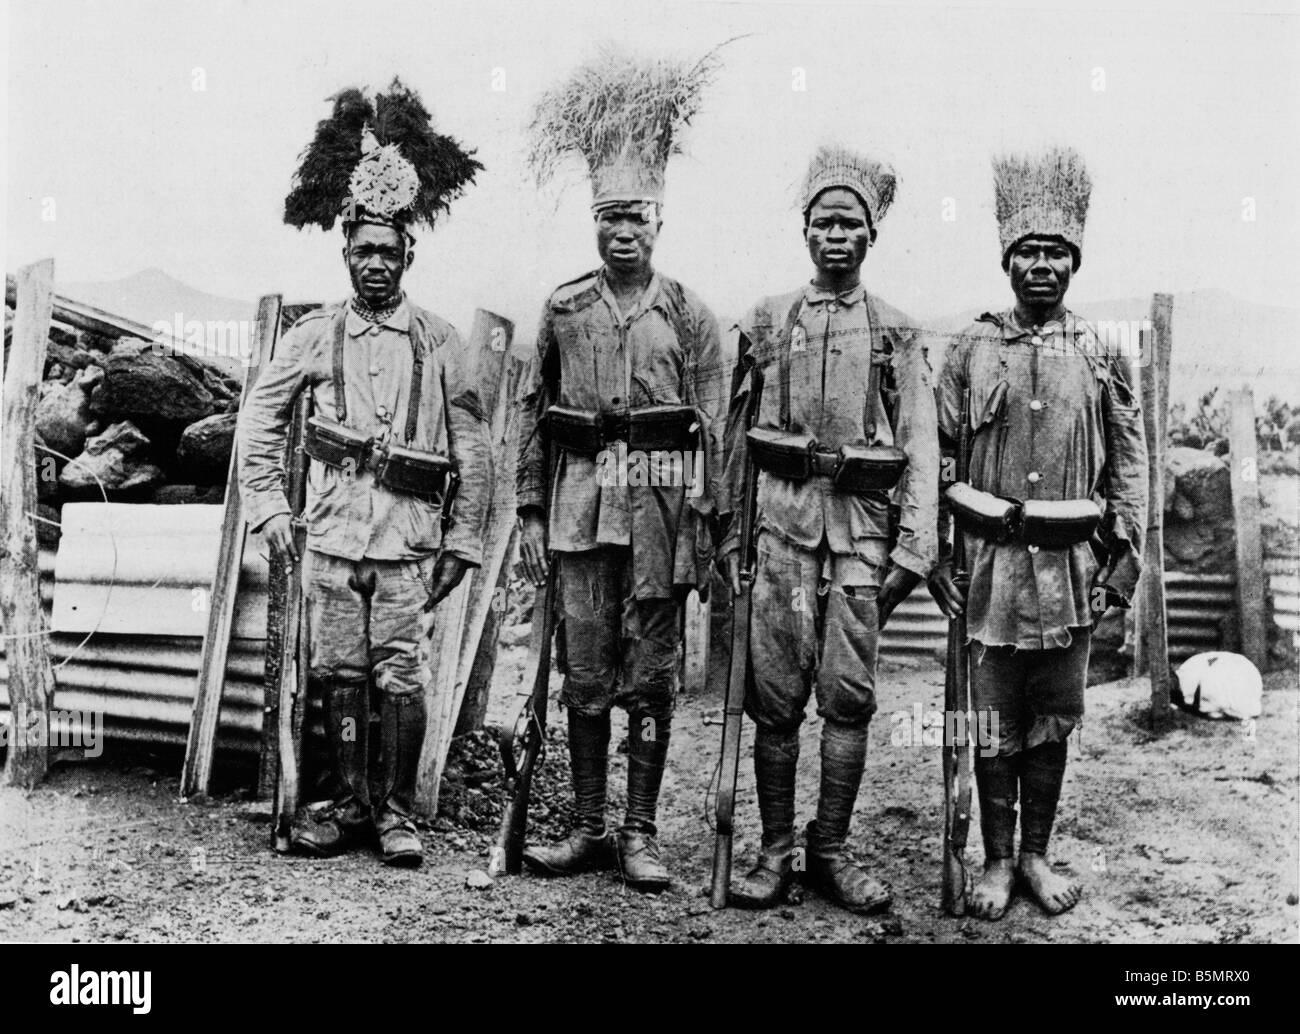 9AF1 1915 7 15 Una patrulla de Askari informa Guerra Mundial 1 guerra en las colonias de África Oriental Alemana Tanzania ahora una patrulla de Askari rep Foto de stock